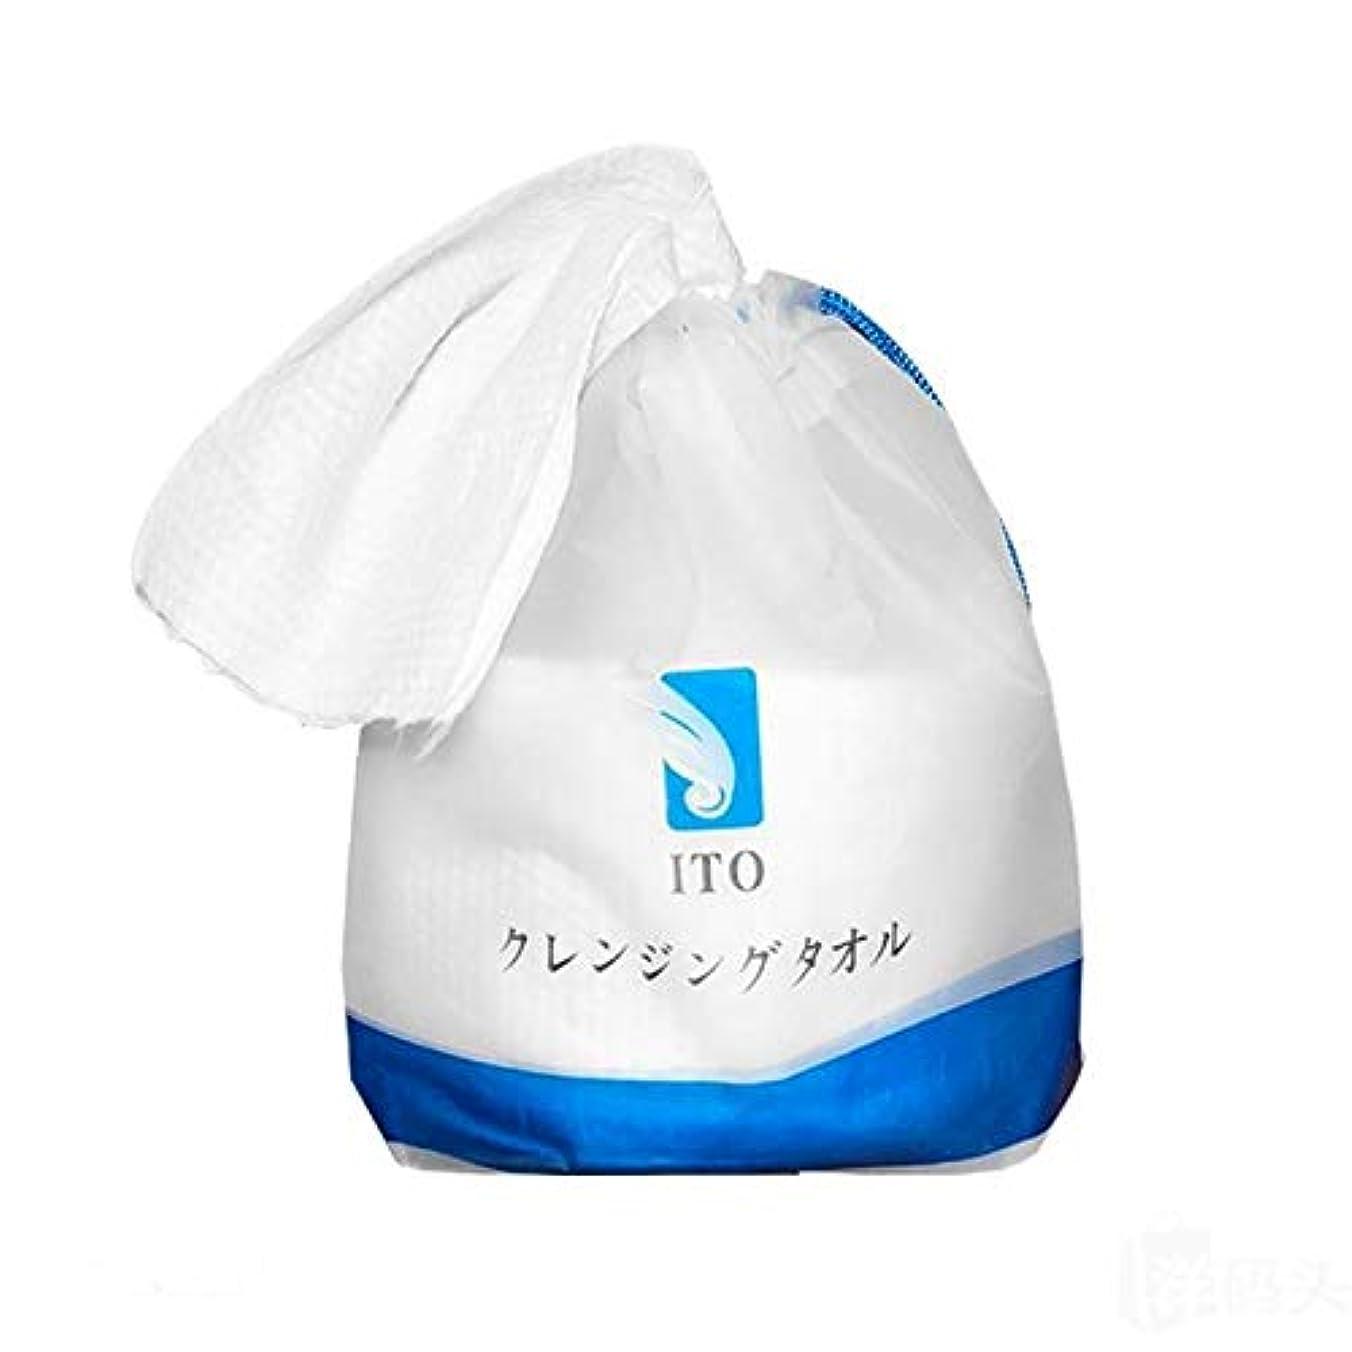 対スペア乳剤ITOクレンジングタオル1個